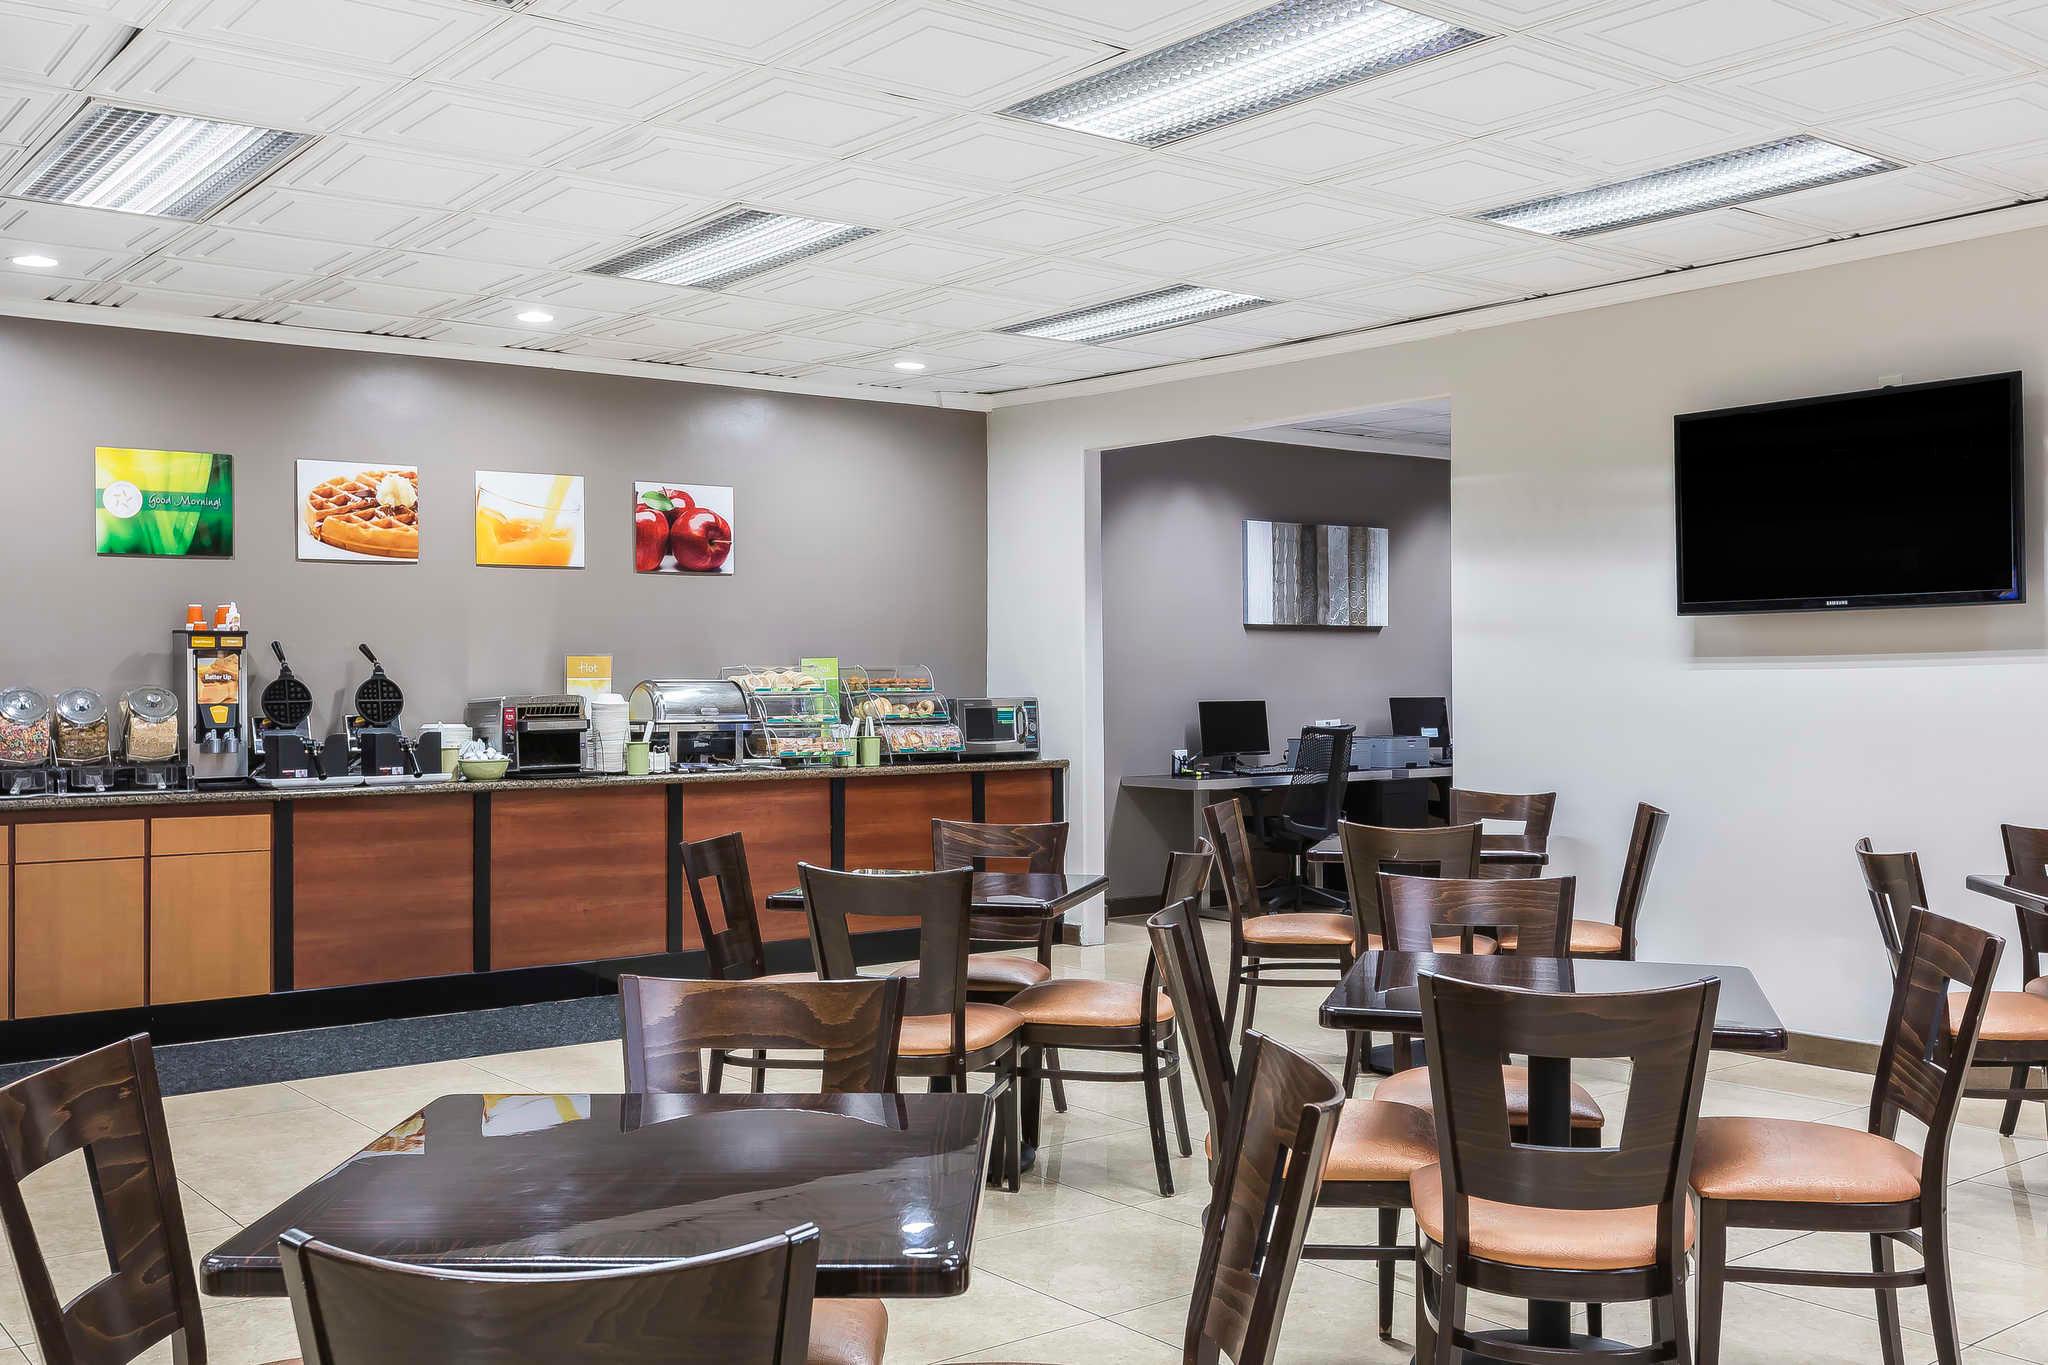 Cheap Hotels Near Lax Airport